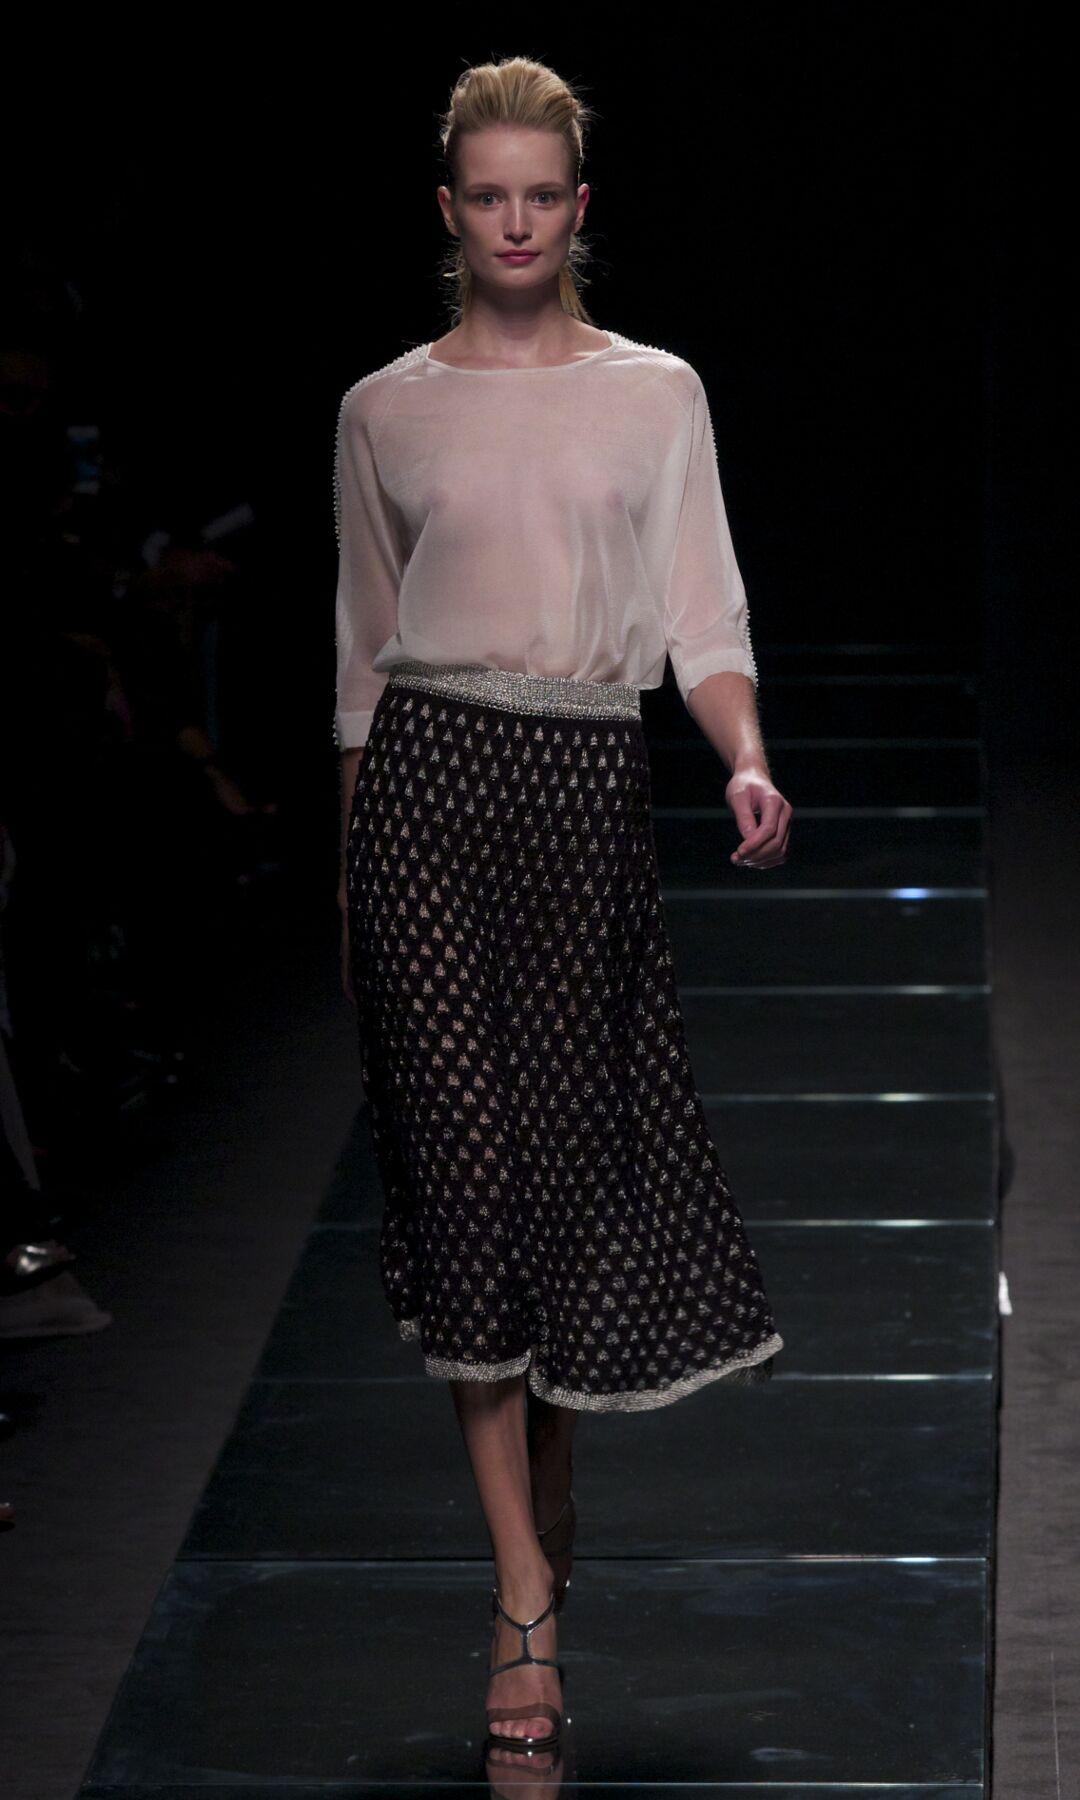 Fashion Model Anteprima Catwalk